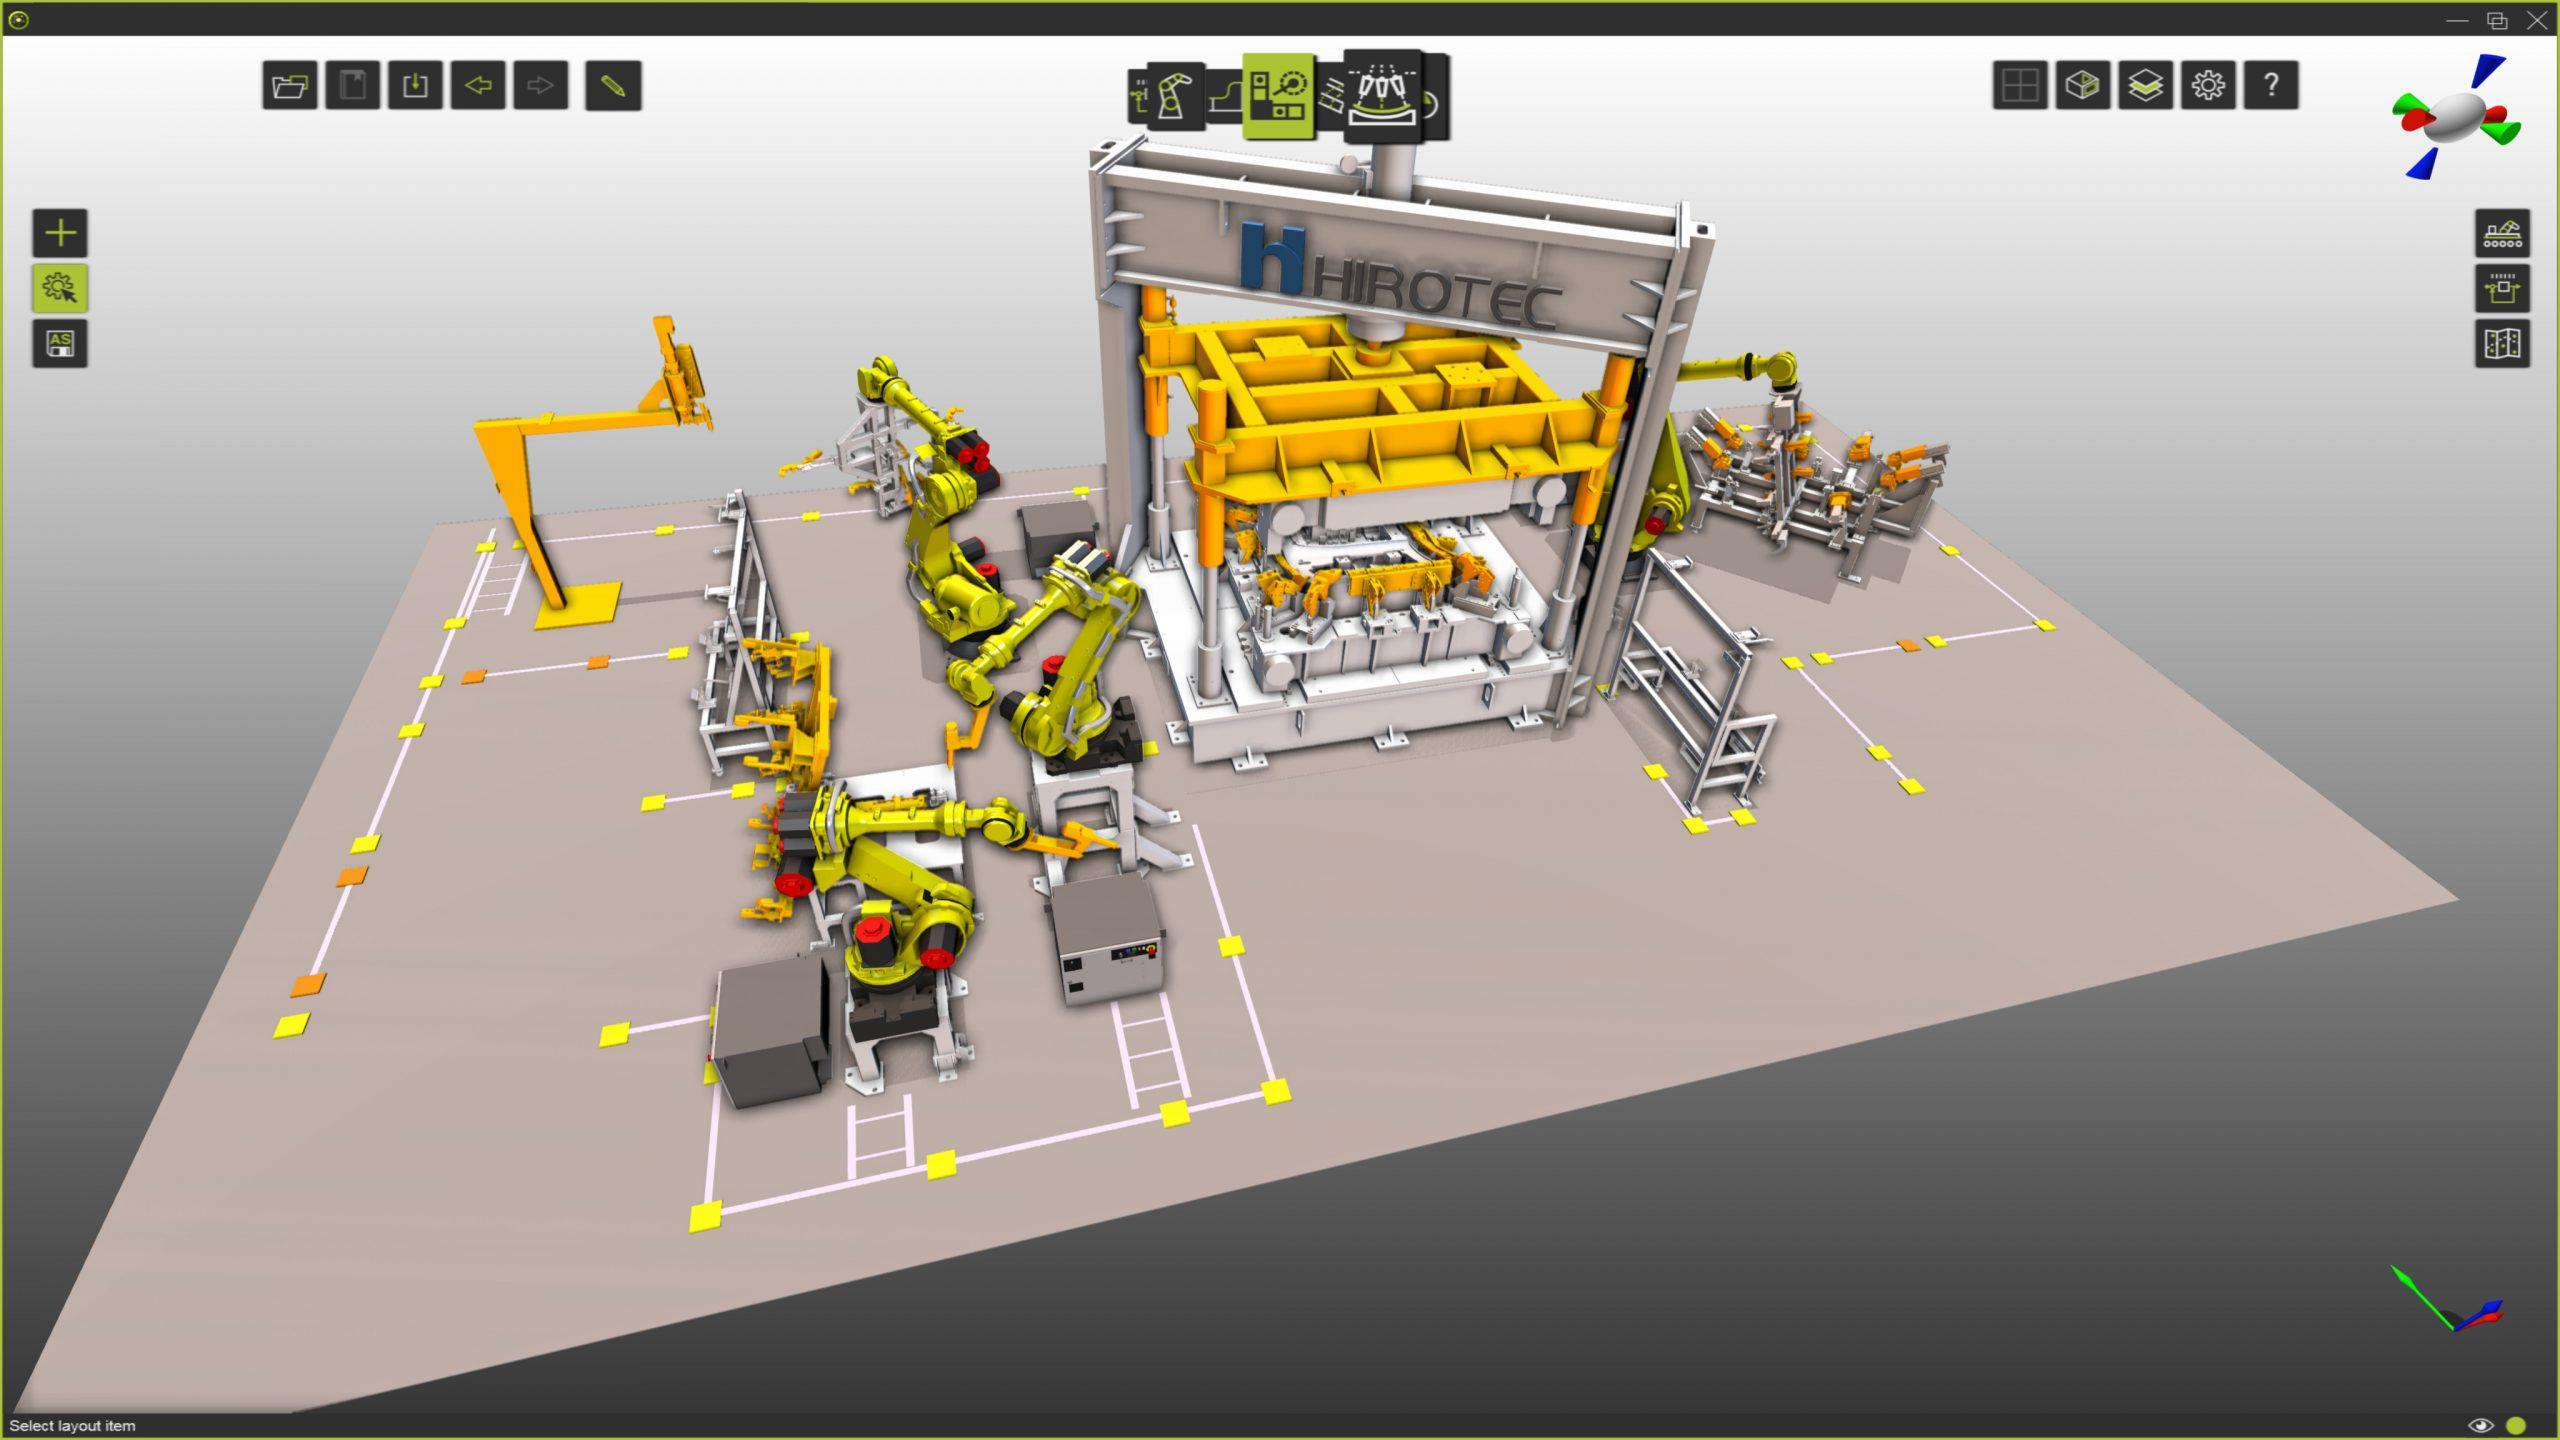 Virtuelle Fertigungstools im Einsatz bei Systemintegratoren von 3D-Layout- und Simulationstools bis hin zu virtueller Inbetriebnahme (Bild: Cenit AG)